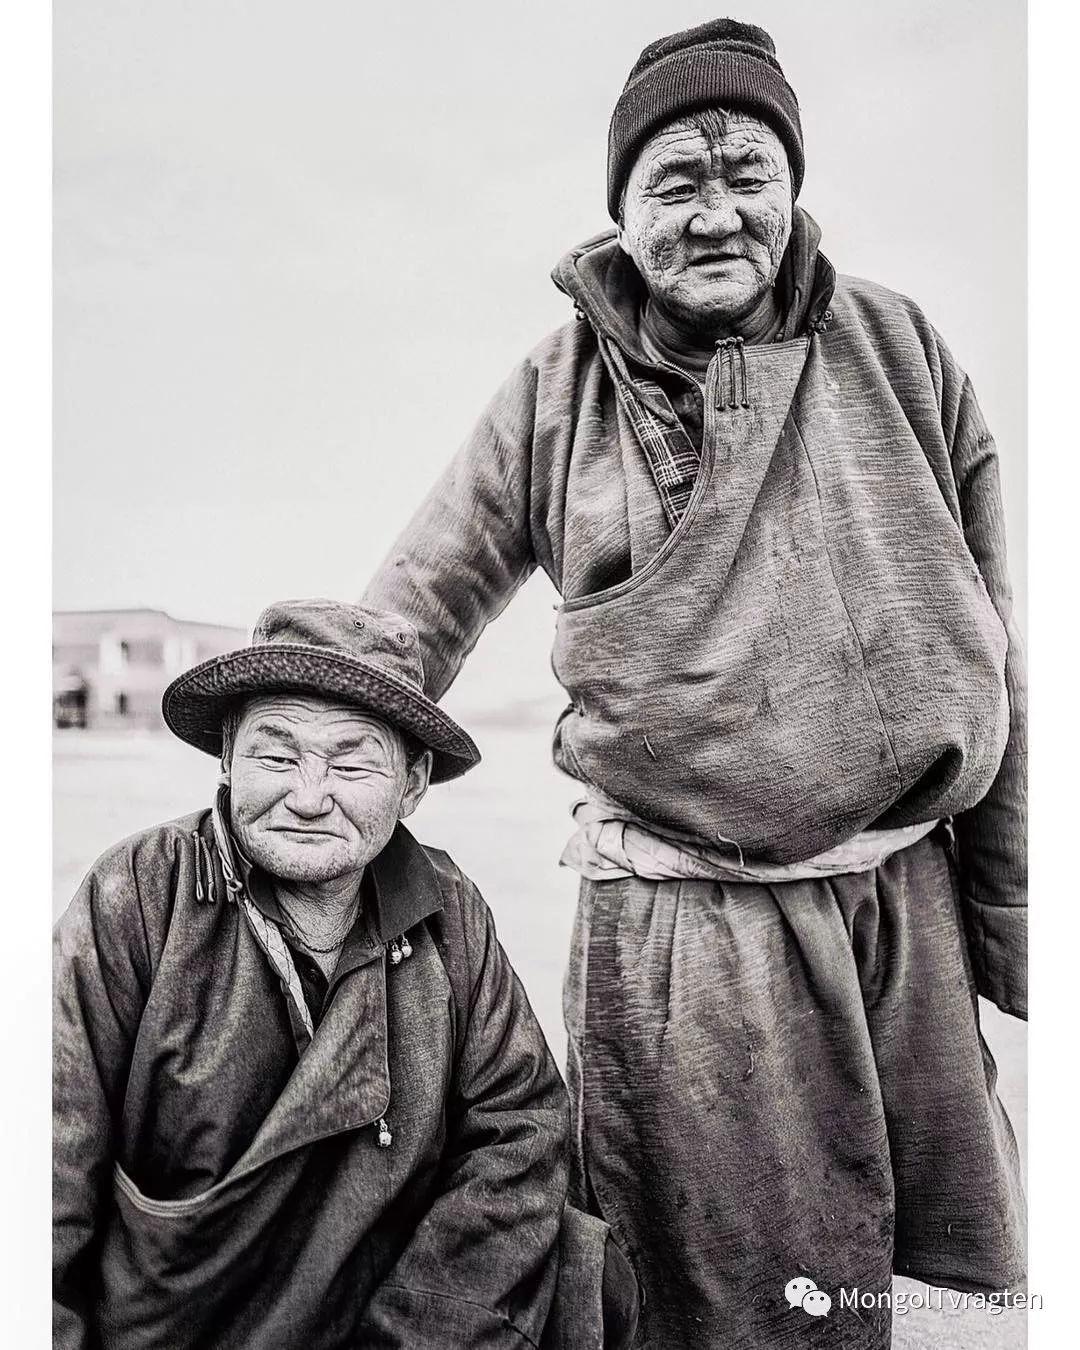 蒙古影像- c8x photography 第20张 蒙古影像- c8x photography 蒙古文化